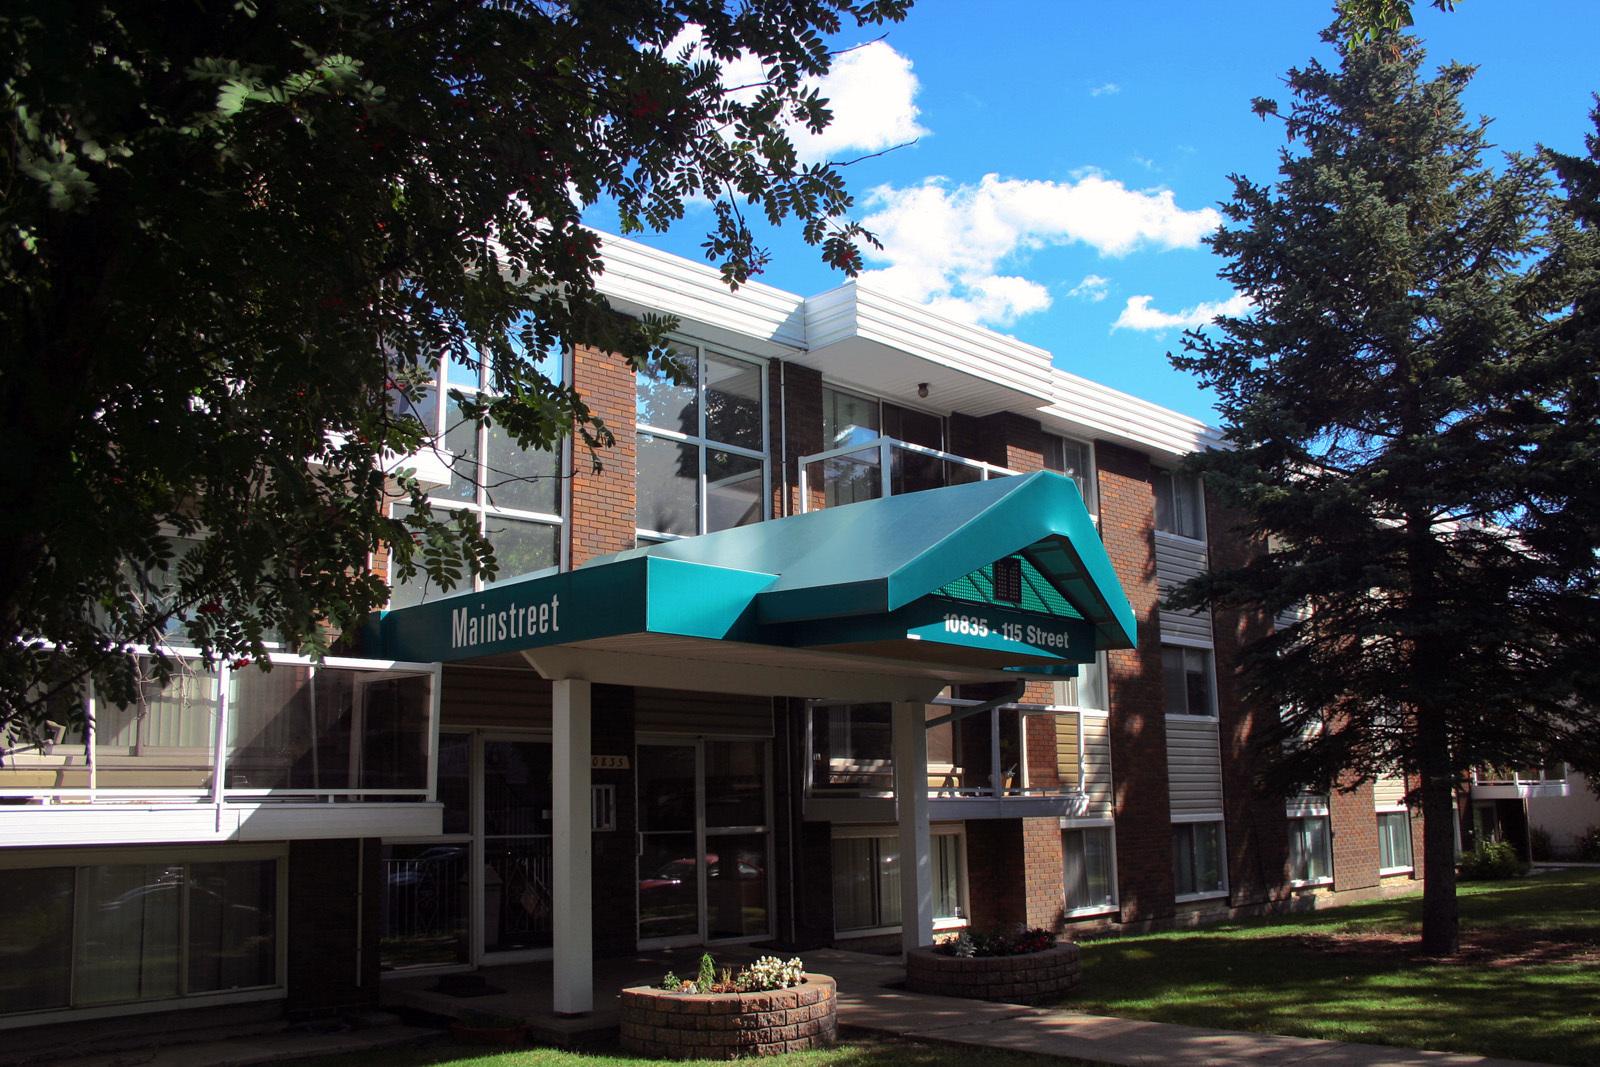 10835 115 Street NW, Edmonton, AB - $699